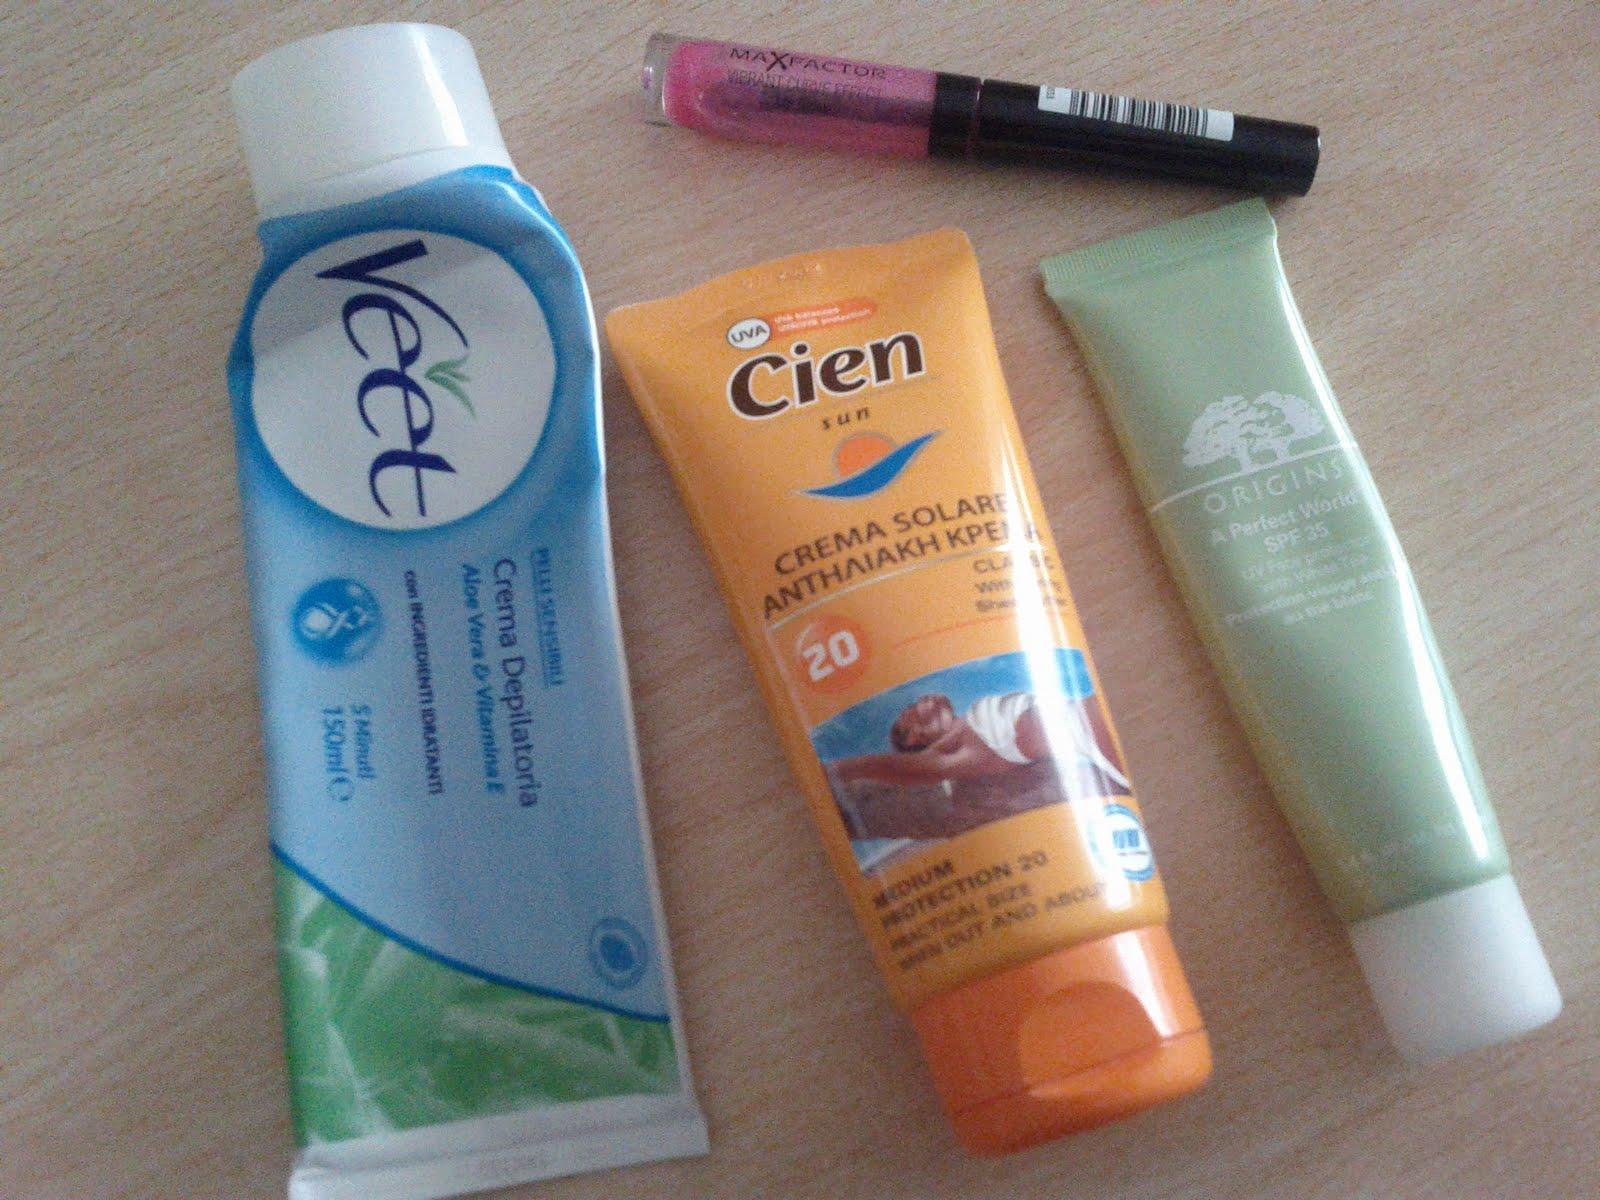 Depilazione parti intime: come depilarsi le parti intime? | Veet®